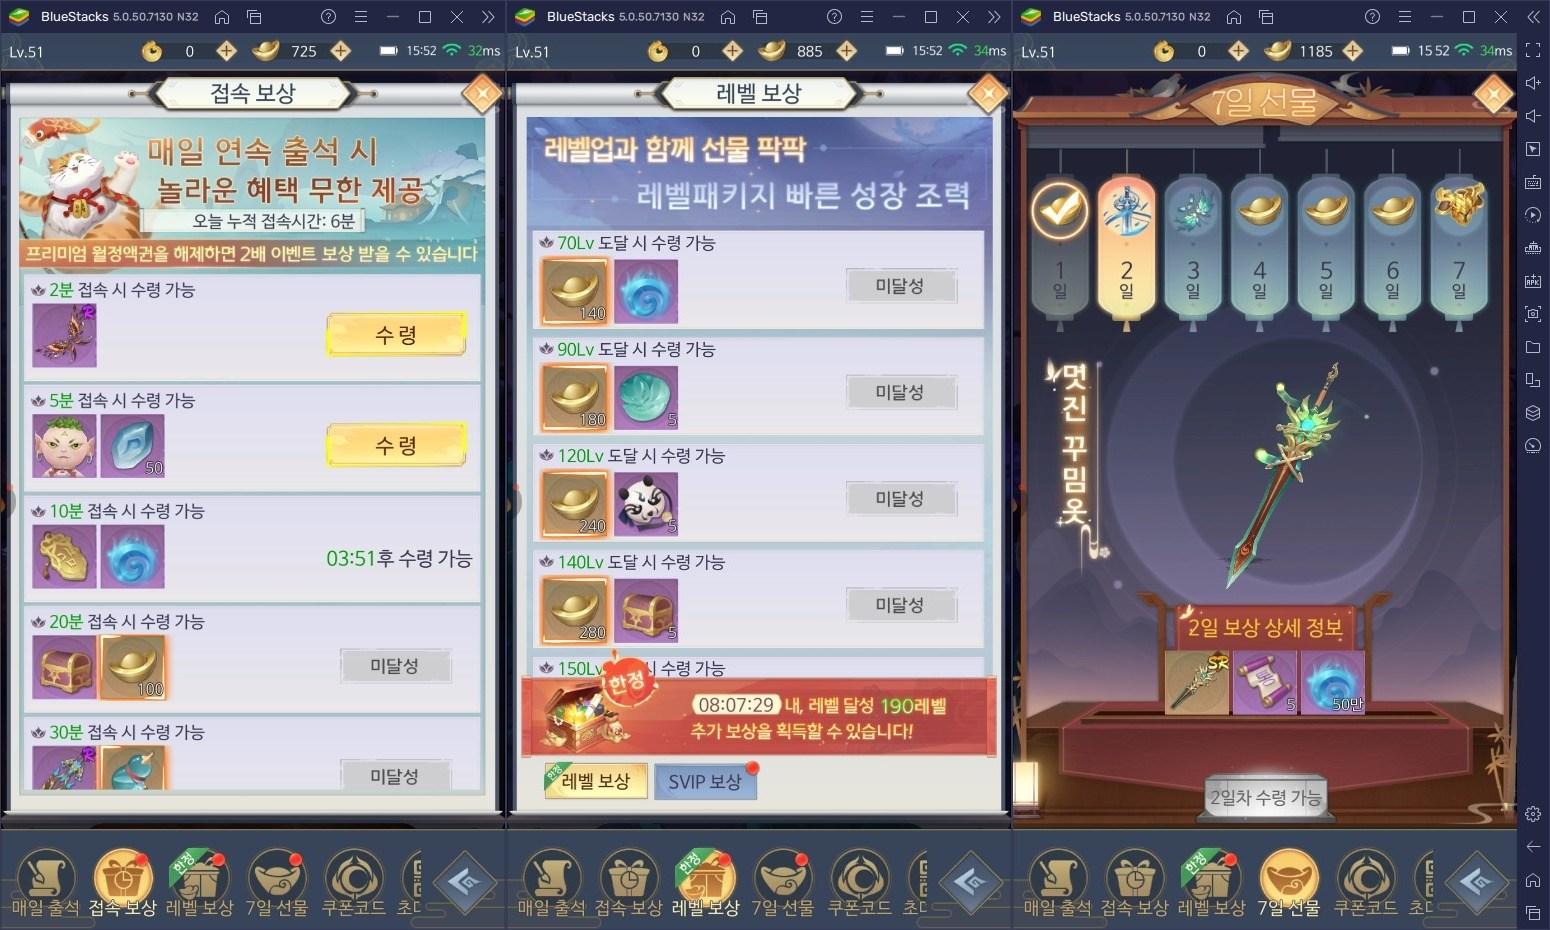 신명2:아수라 업데이트 버전 등장, PC에서 블루스택 앱플레이어로 달라진 내용을 확인해보세요